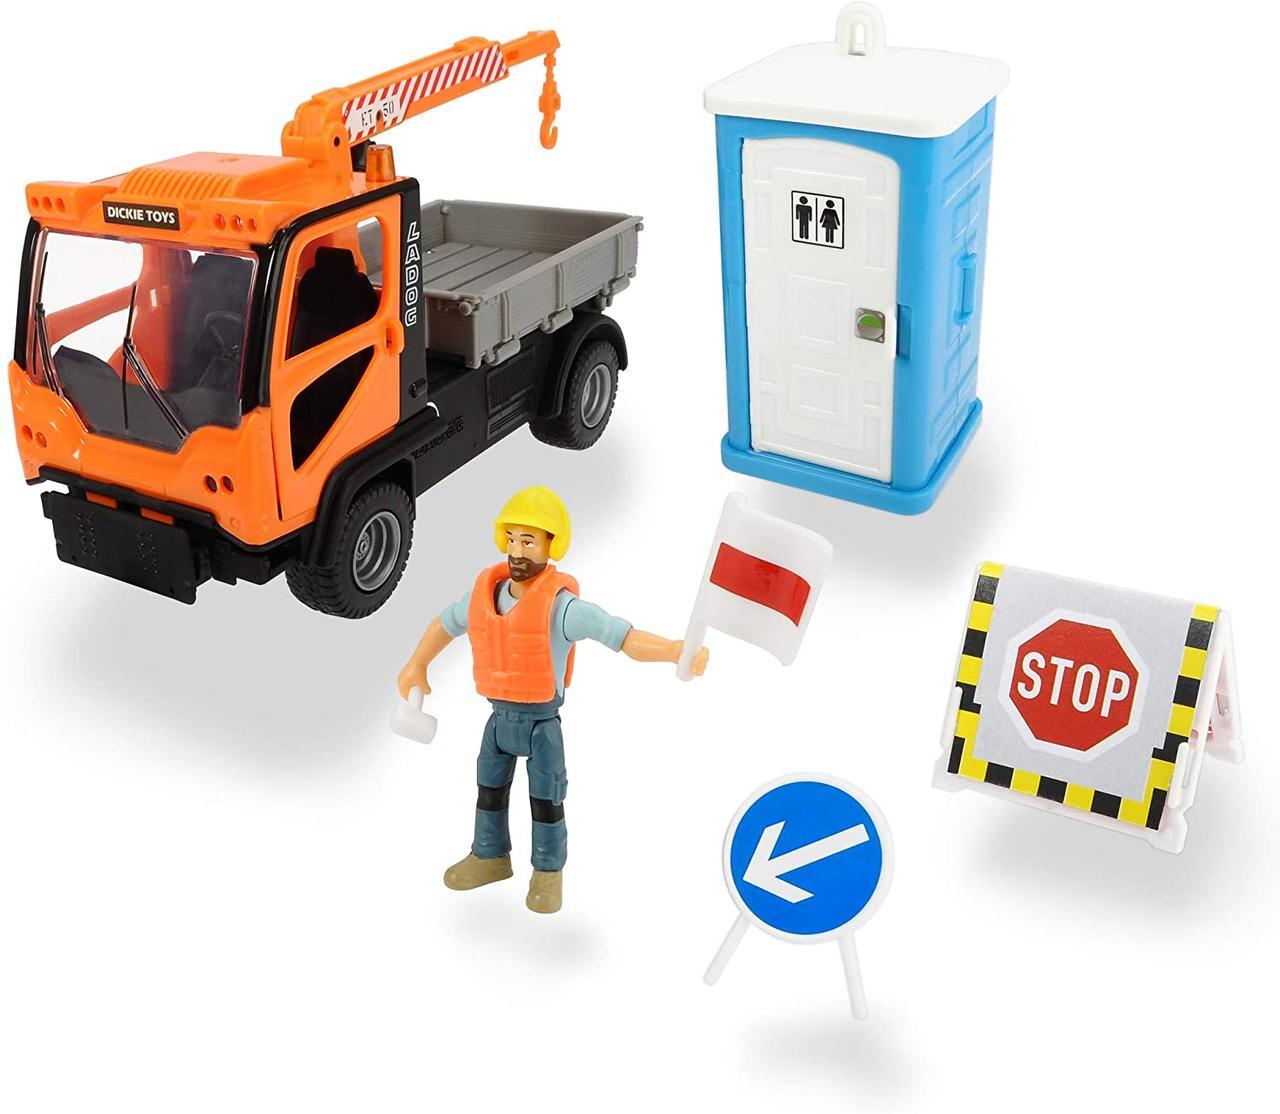 Игровой набор Playlife. Муниципальное авто со звуковыми эффектами Dickie Toys 3835005